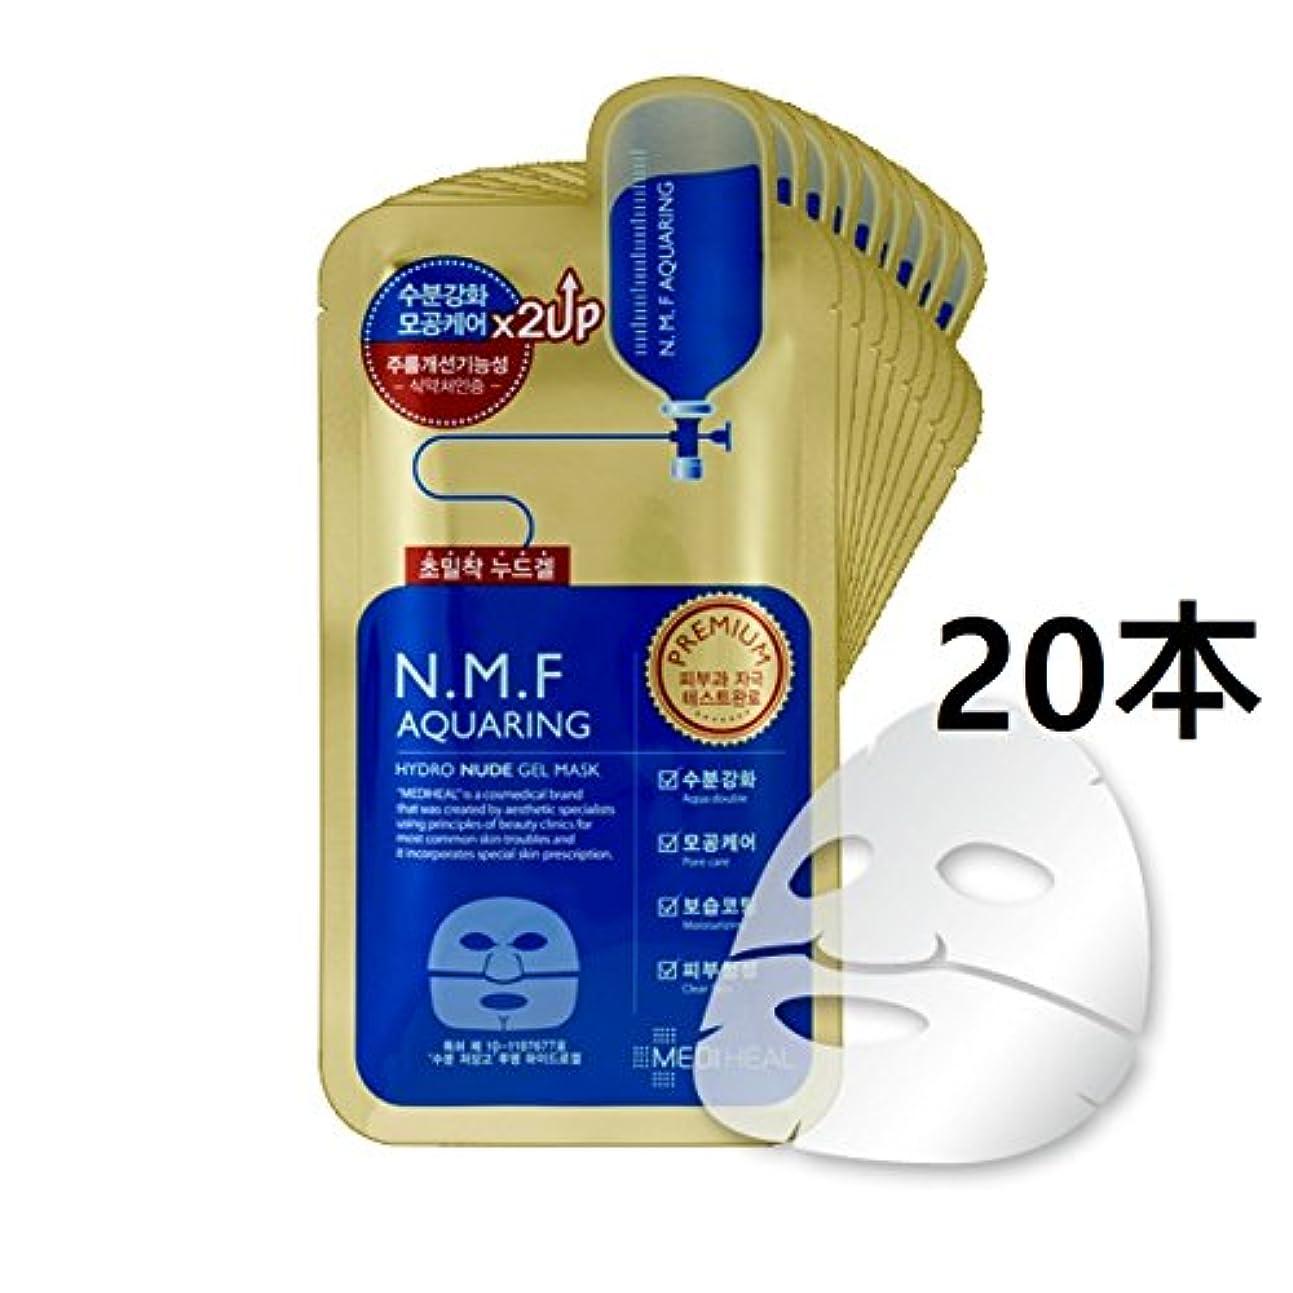 レジデンス悪行ご近所(10本+10本) MEDIHEAL メディヒール NMF アクアリング ヌード ゲルマスク (20枚) [Mediheal premium NMF AQUARING Hydro Nude Gel 10ea + 10ea ] [並行輸入品]